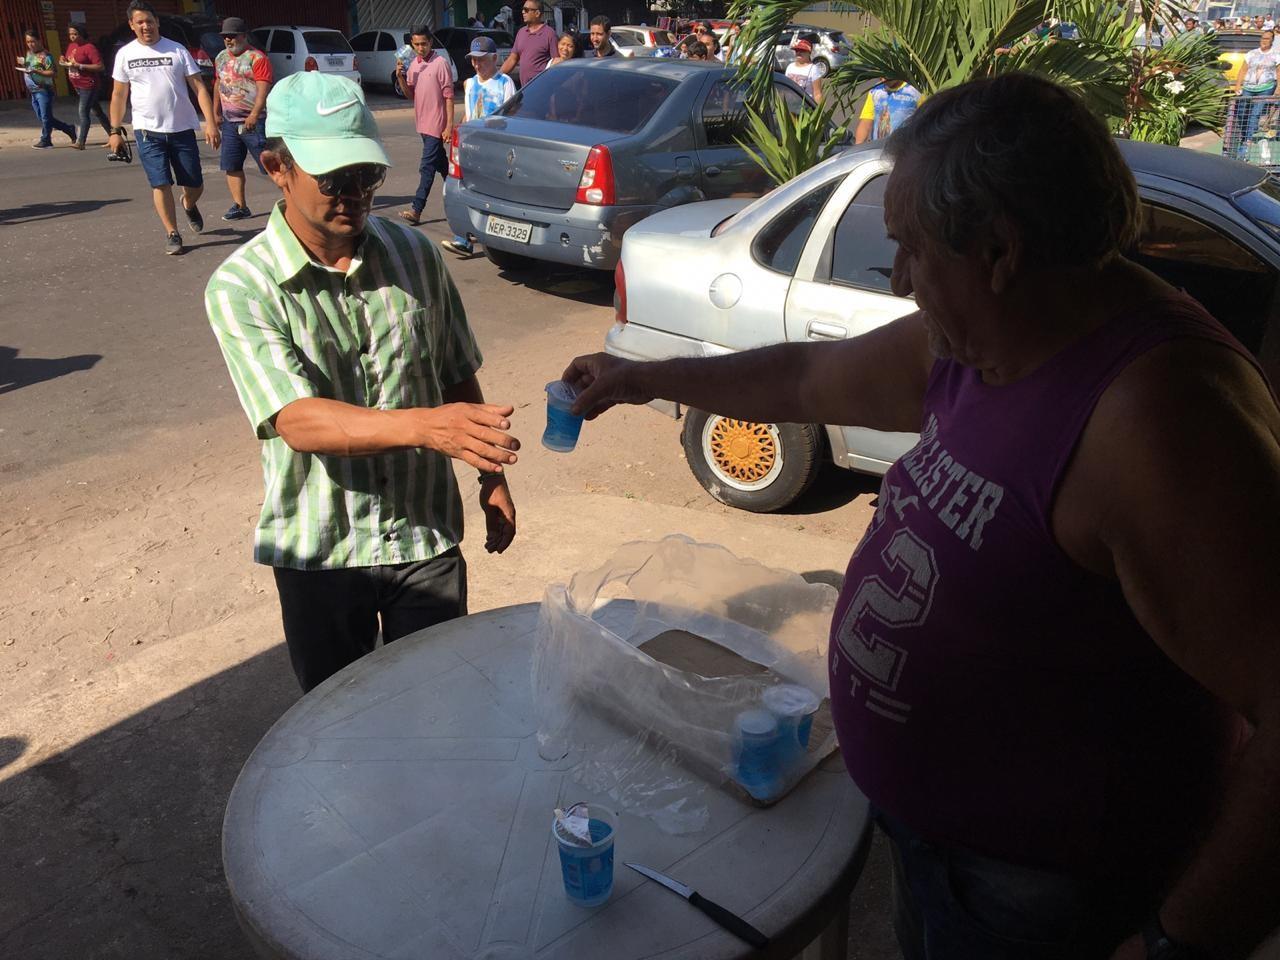 'Me sinto bem', diz autônomo que doa água para promesseiros no trajeto do Círio, em Macapá - Notícias - Plantão Diário